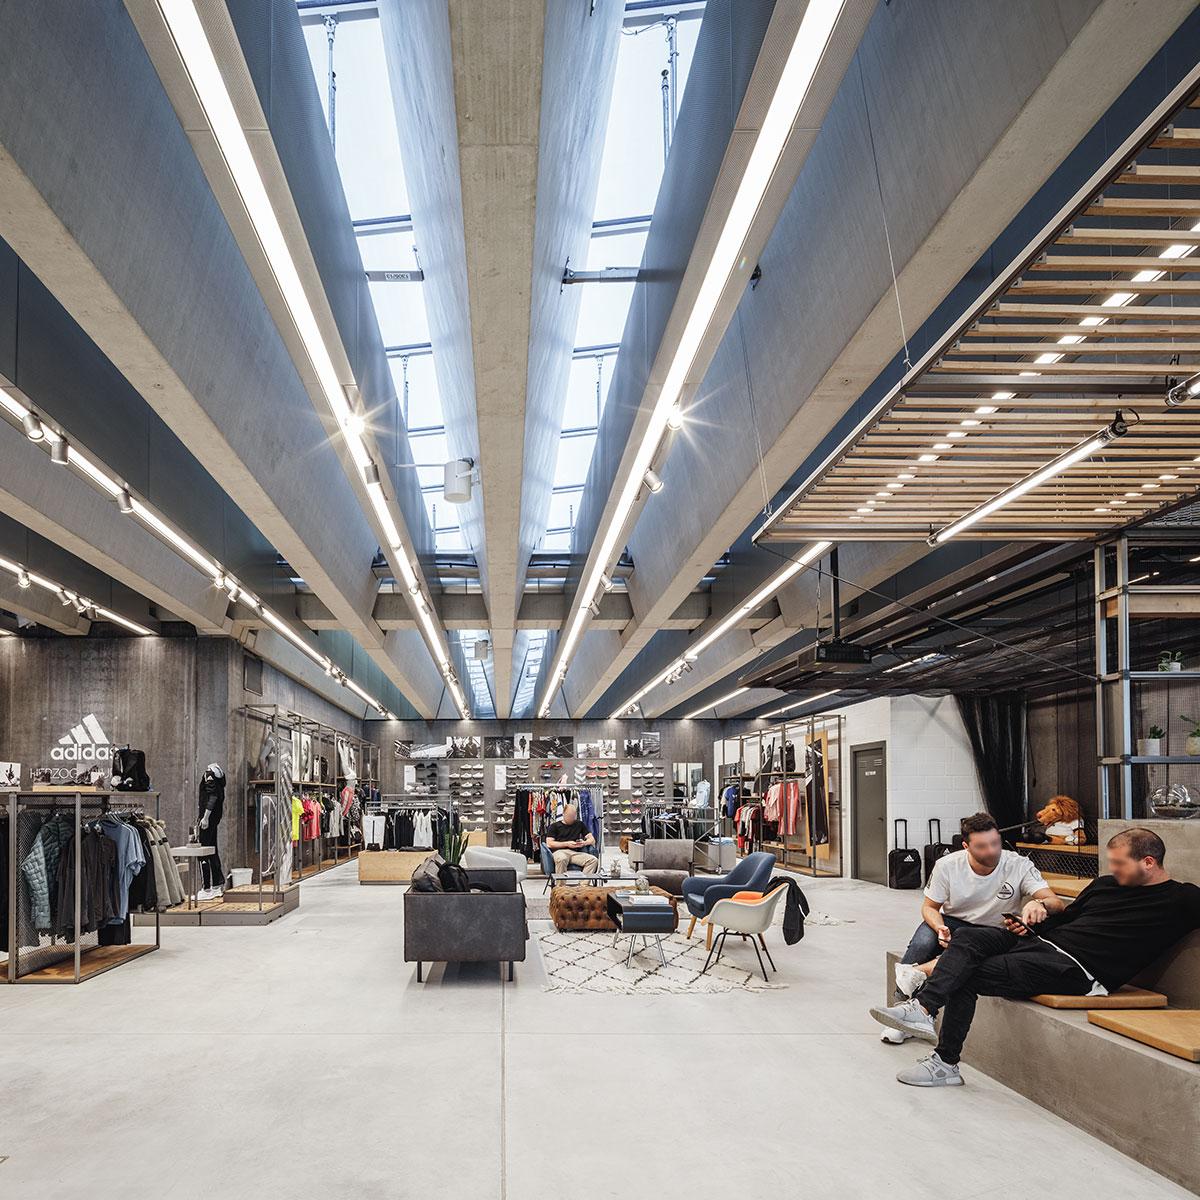 población Víspera vaquero  HALFTIME: Adidas Headquarters in Germany by COBE Architects